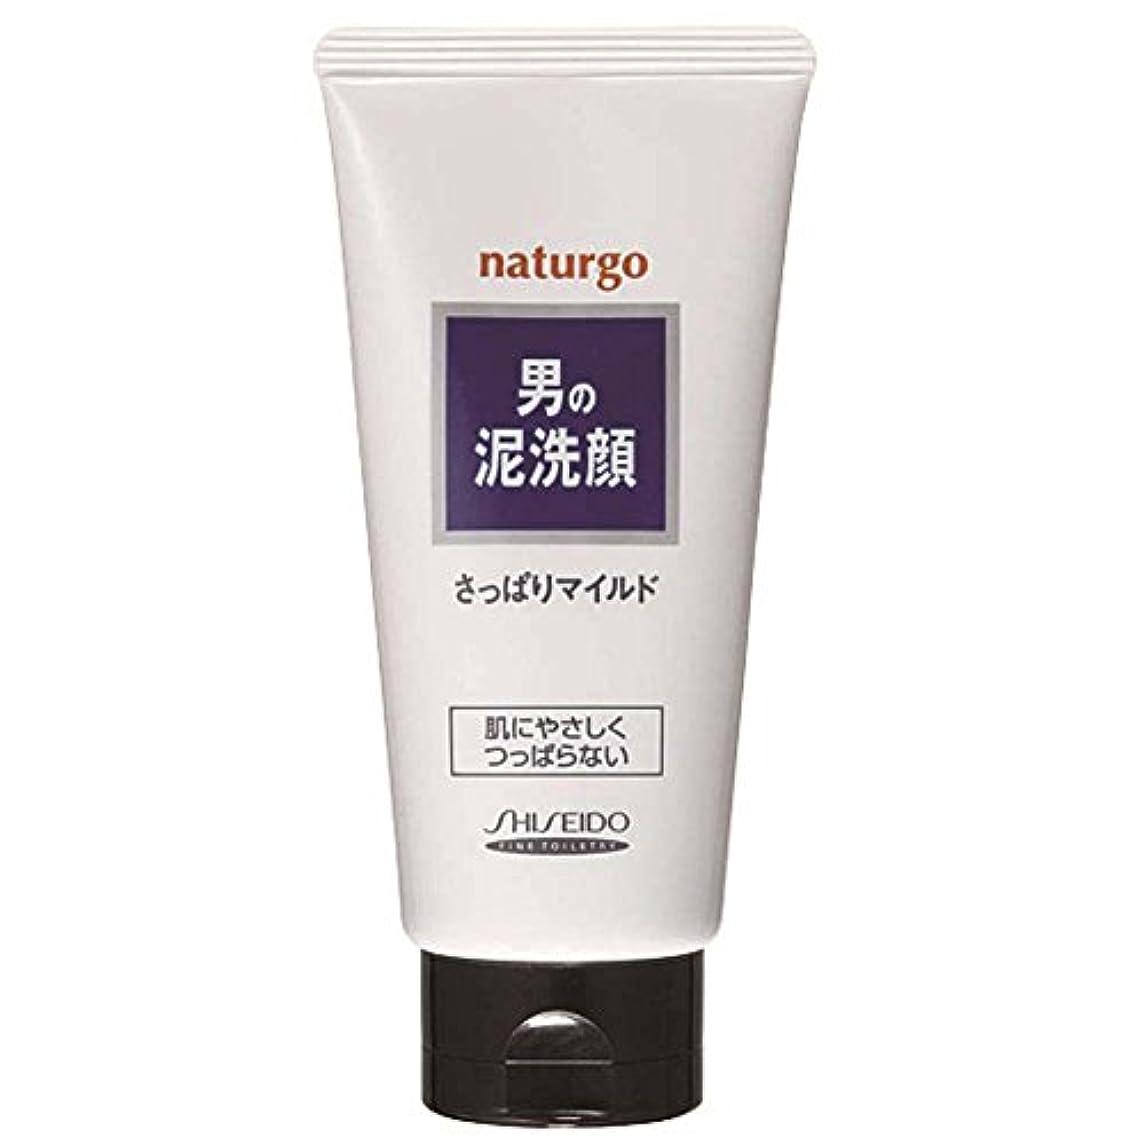 無一文認知密度ナチュルゴ メンズクレイ洗顔フォーム白 130g [並行輸入品]